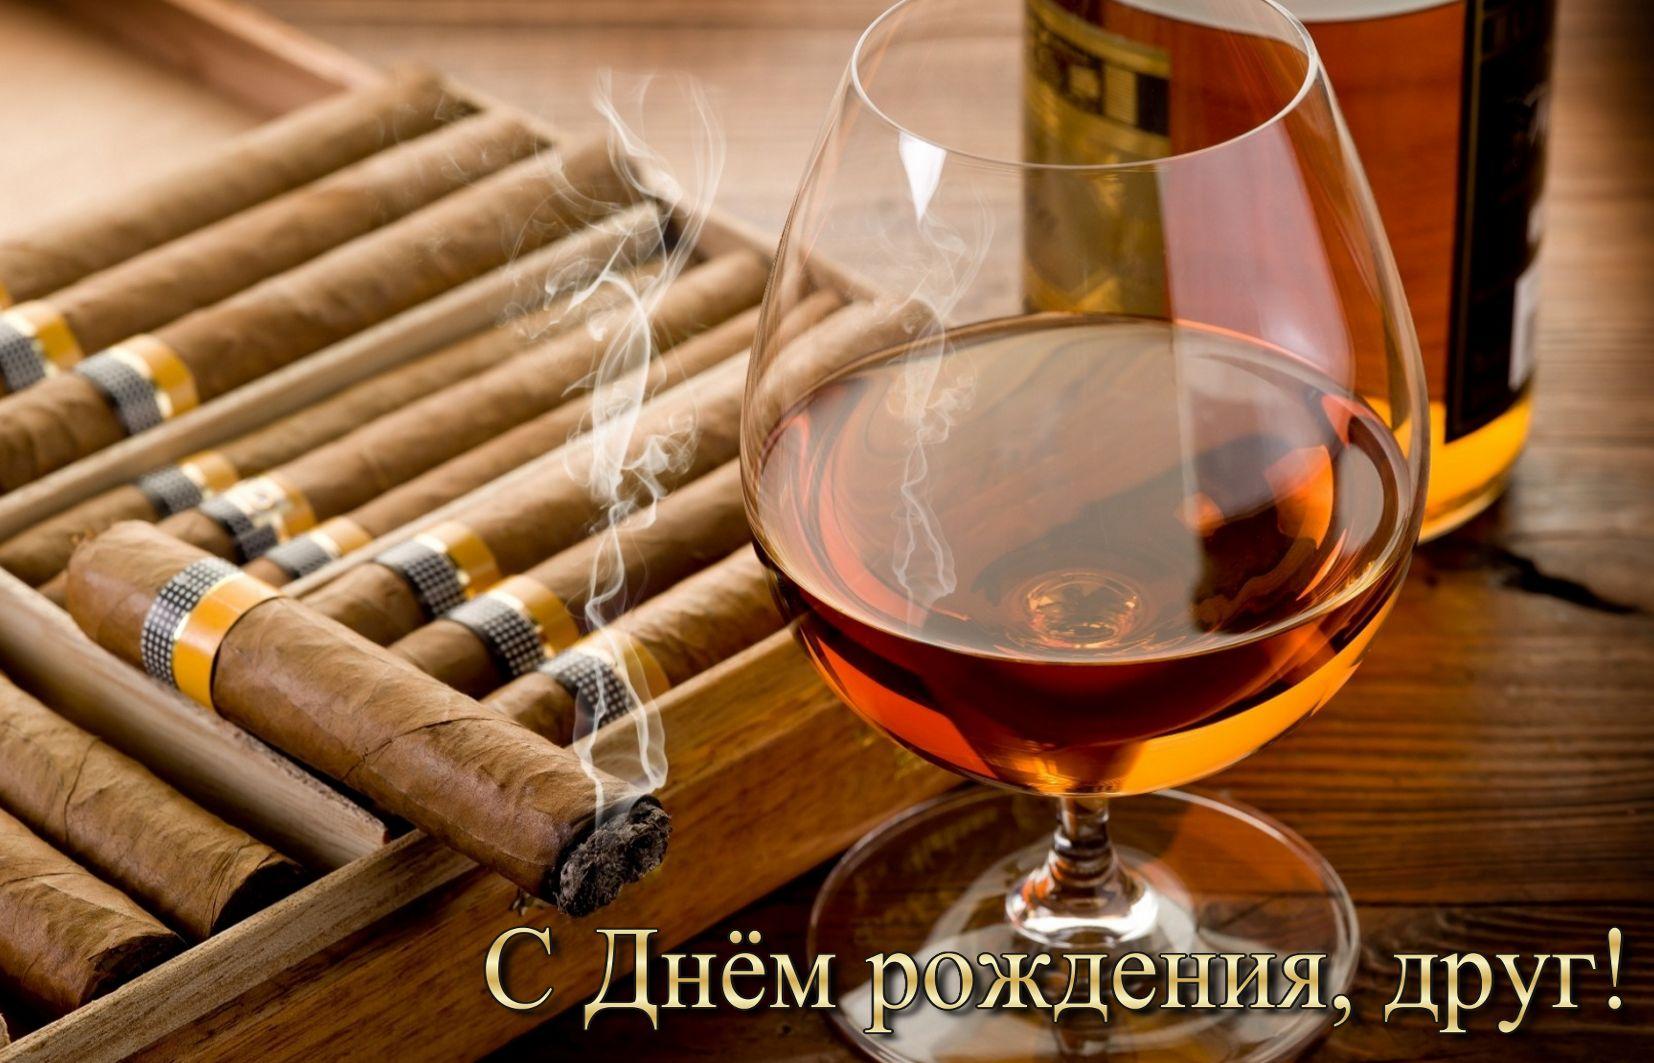 Открытка на День рождения - бокал коньяка и сигары для друга